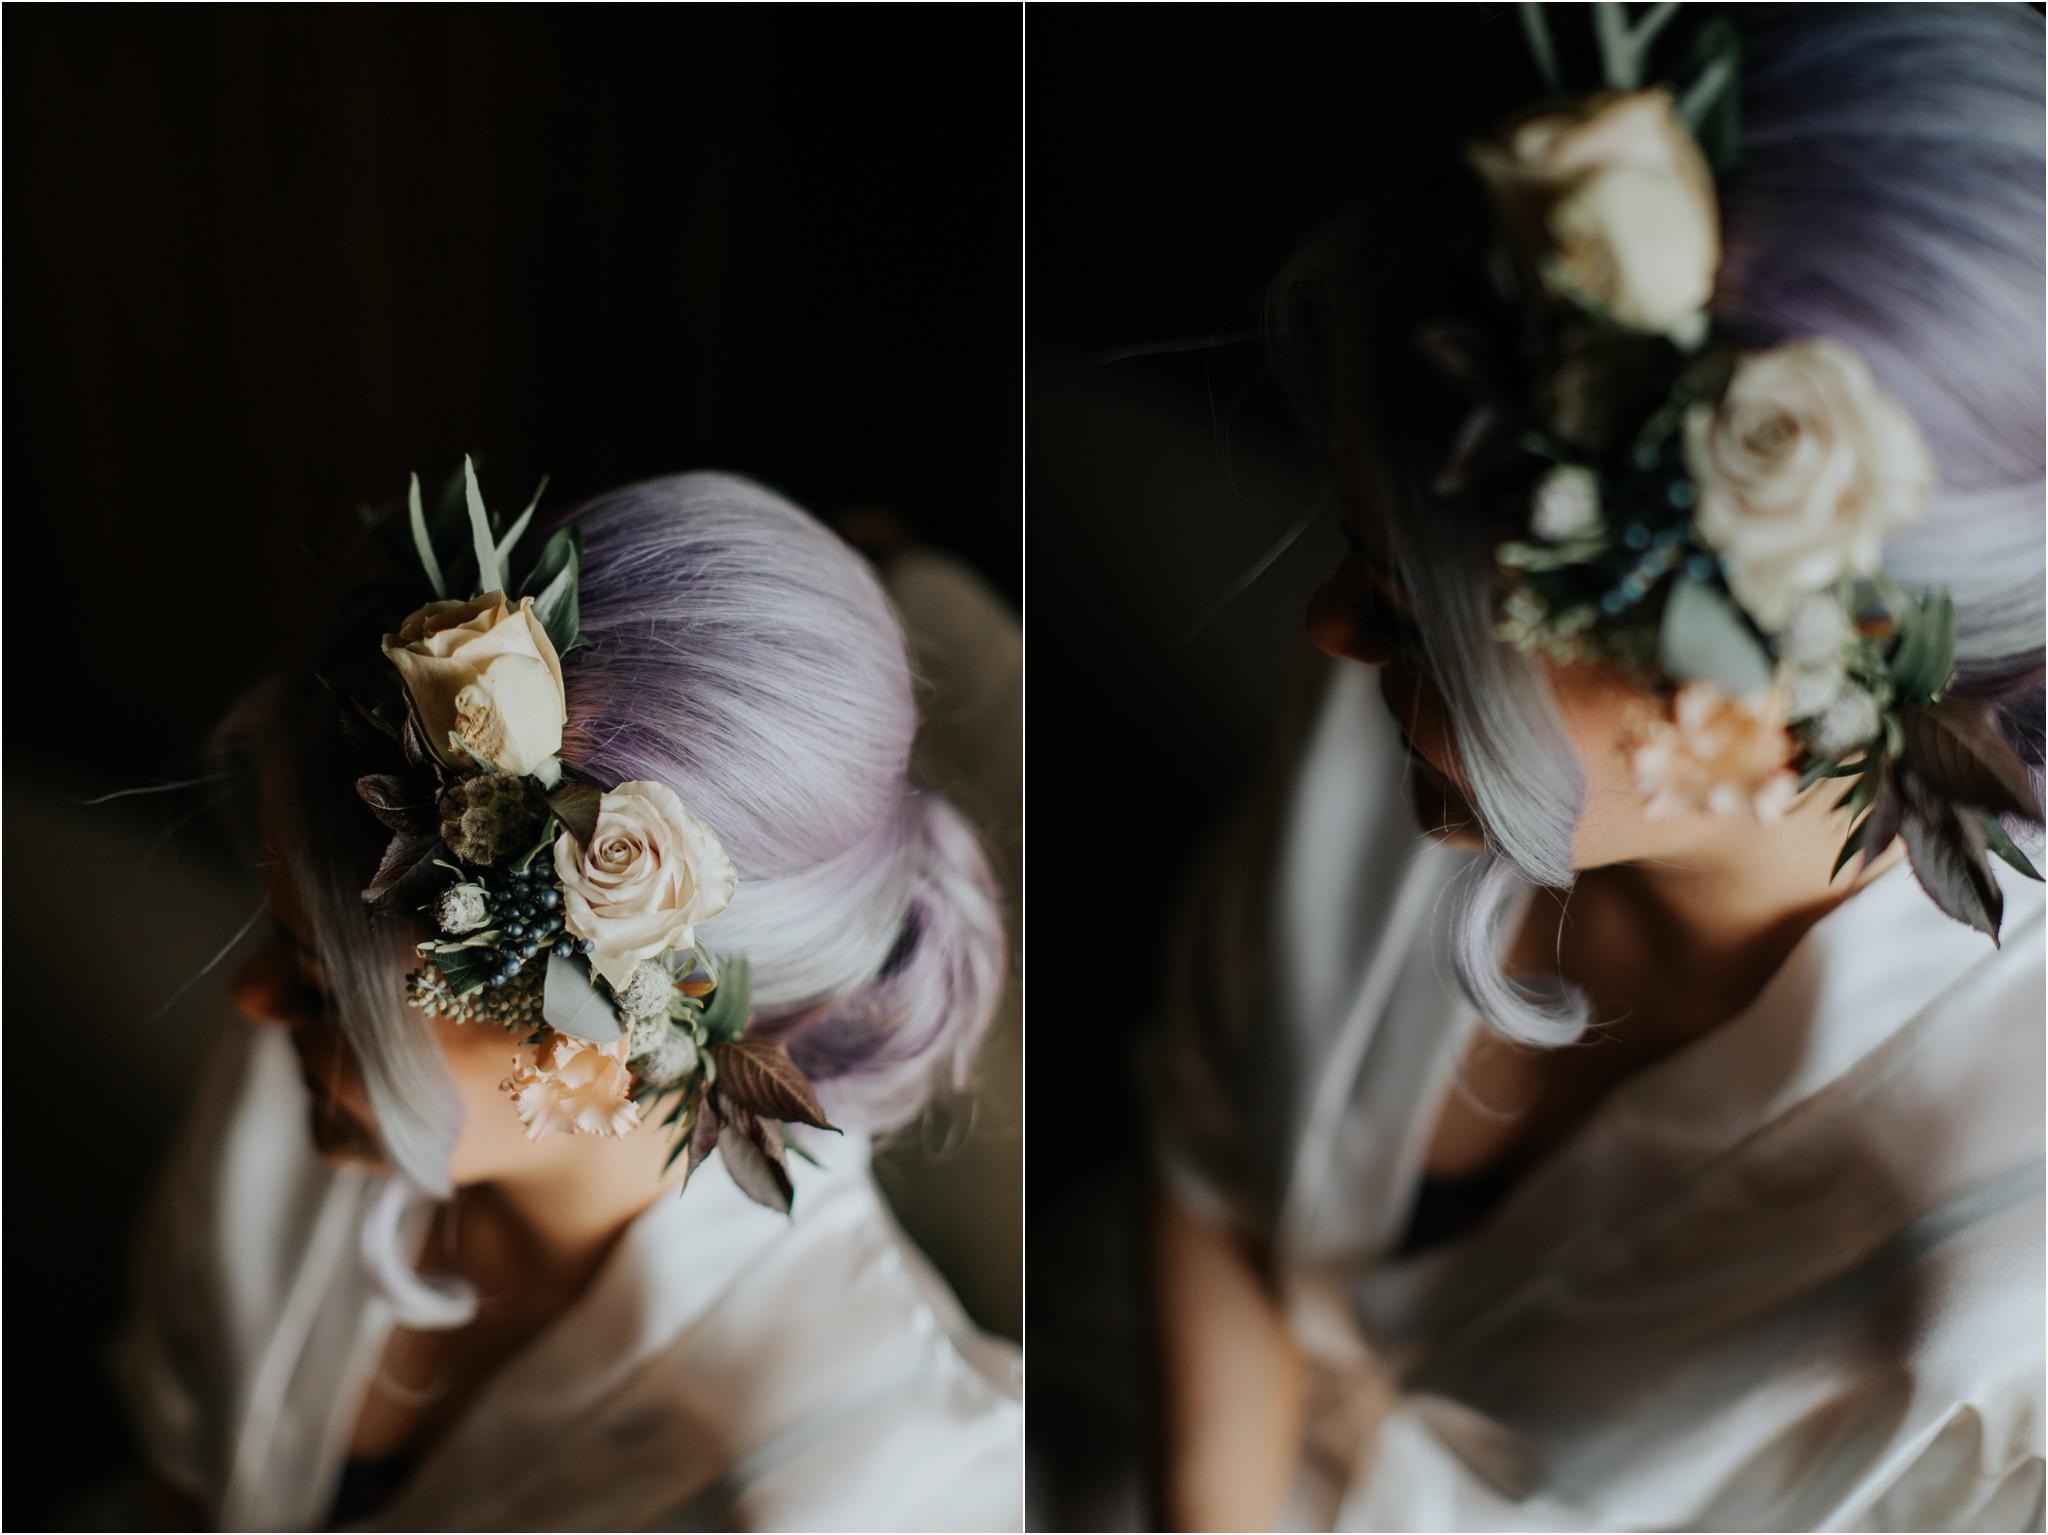 Photography 78 - Glasgow Wedding Photographer - Pete & Eilidh - Dalduff Farm_0016.jpg